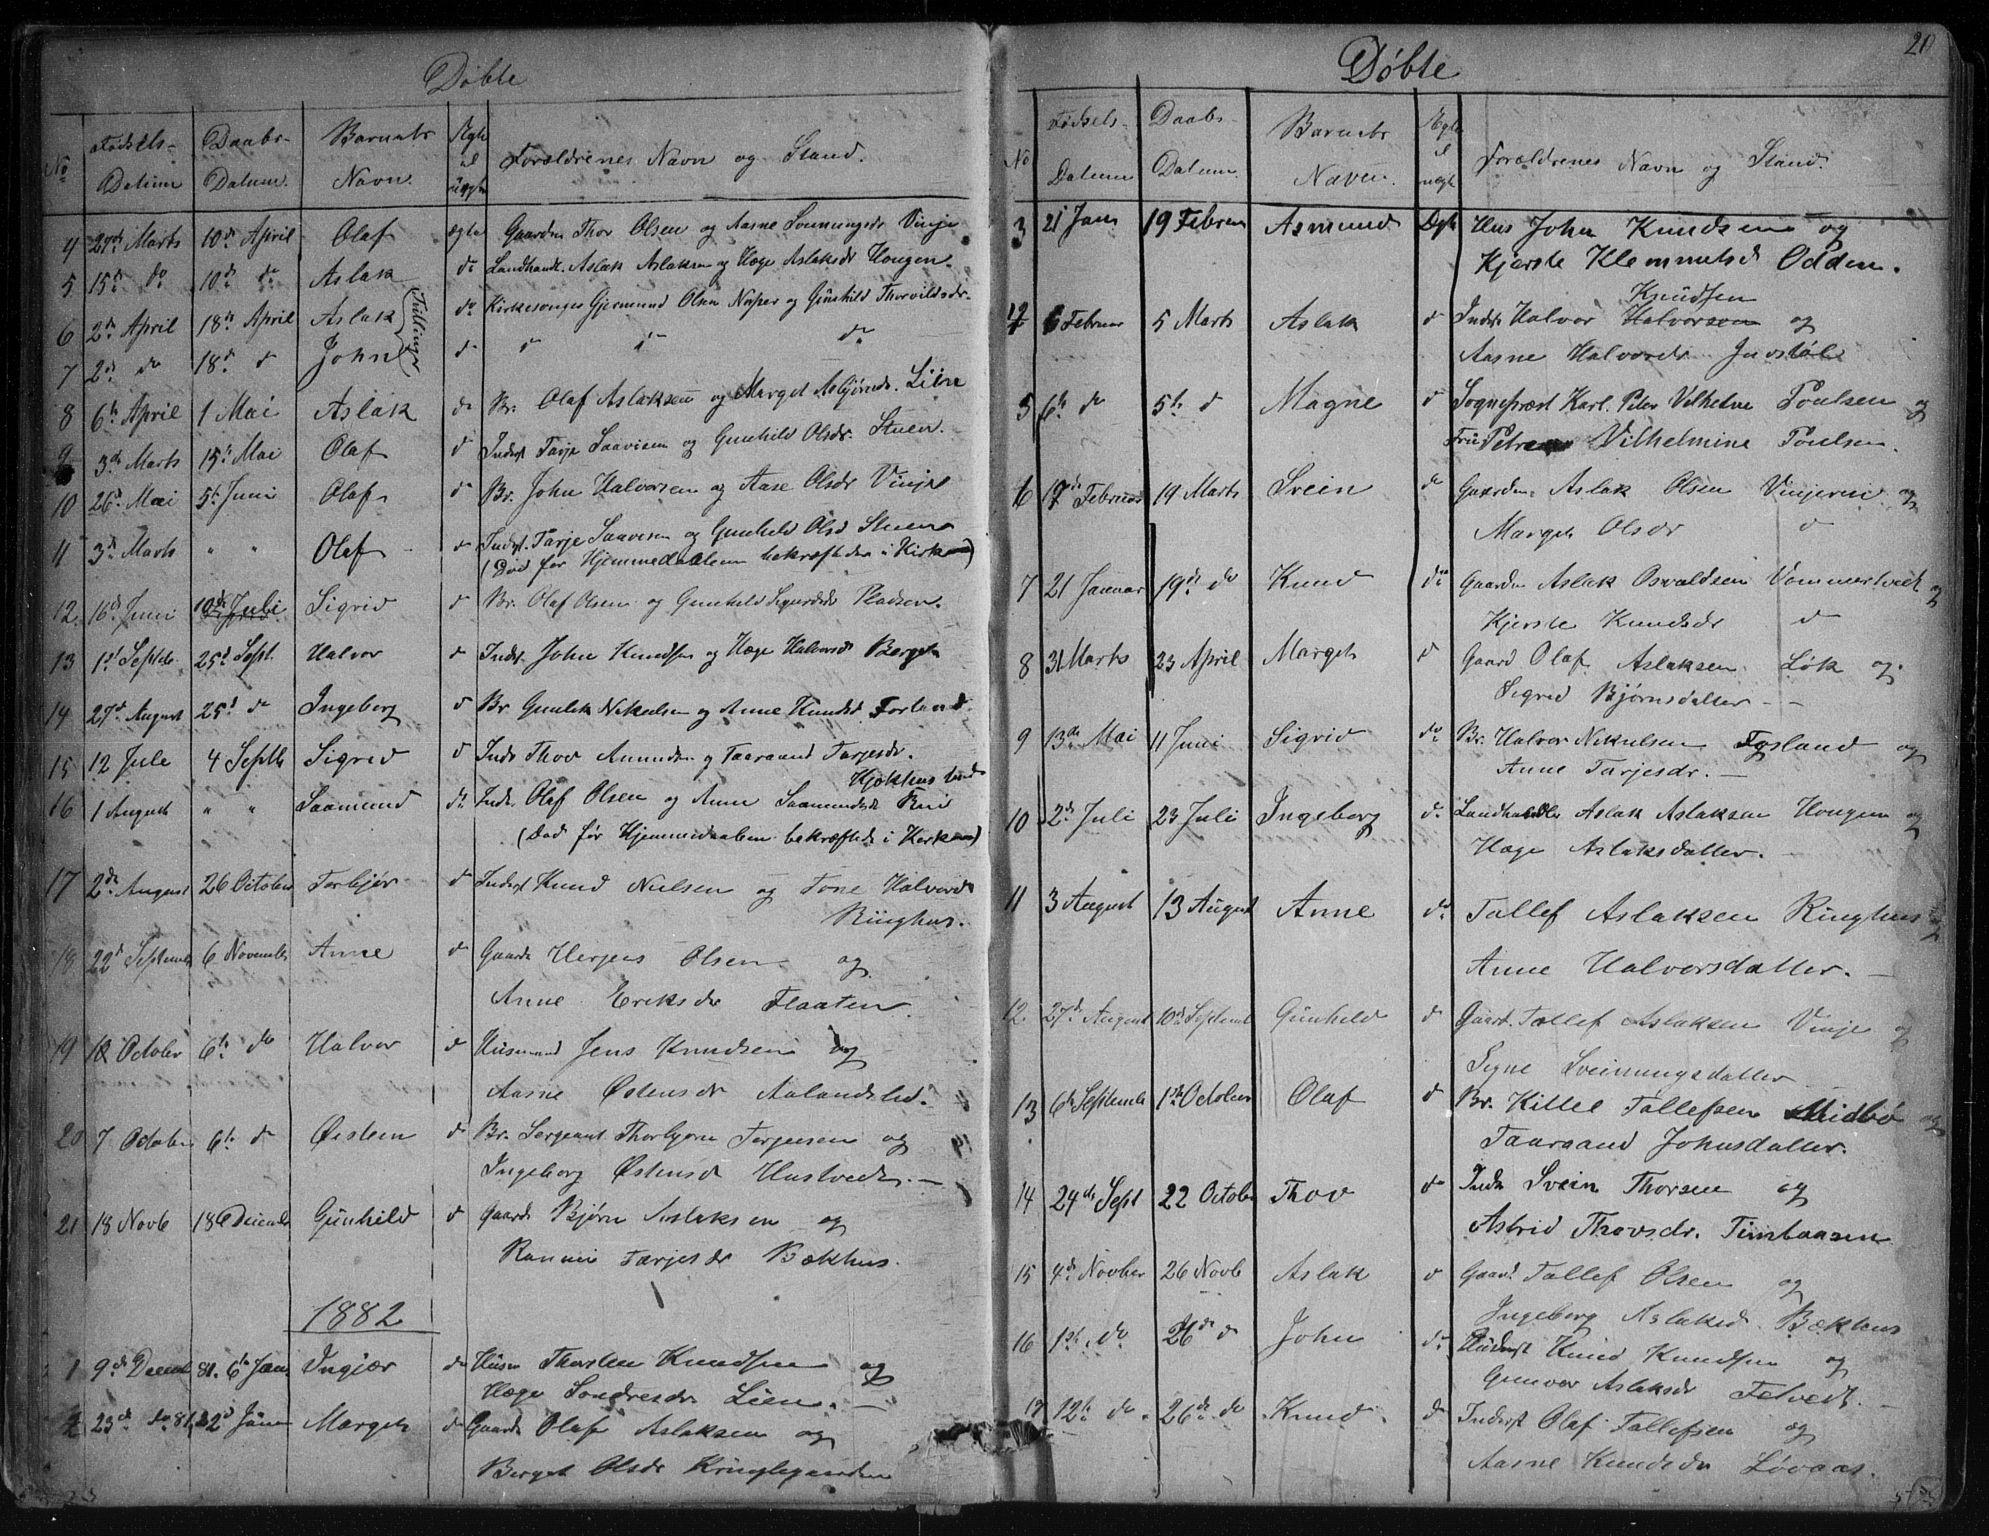 SAKO, Vinje kirkebøker, G/Ga/L0002: Klokkerbok nr. I 2, 1849-1893, s. 20